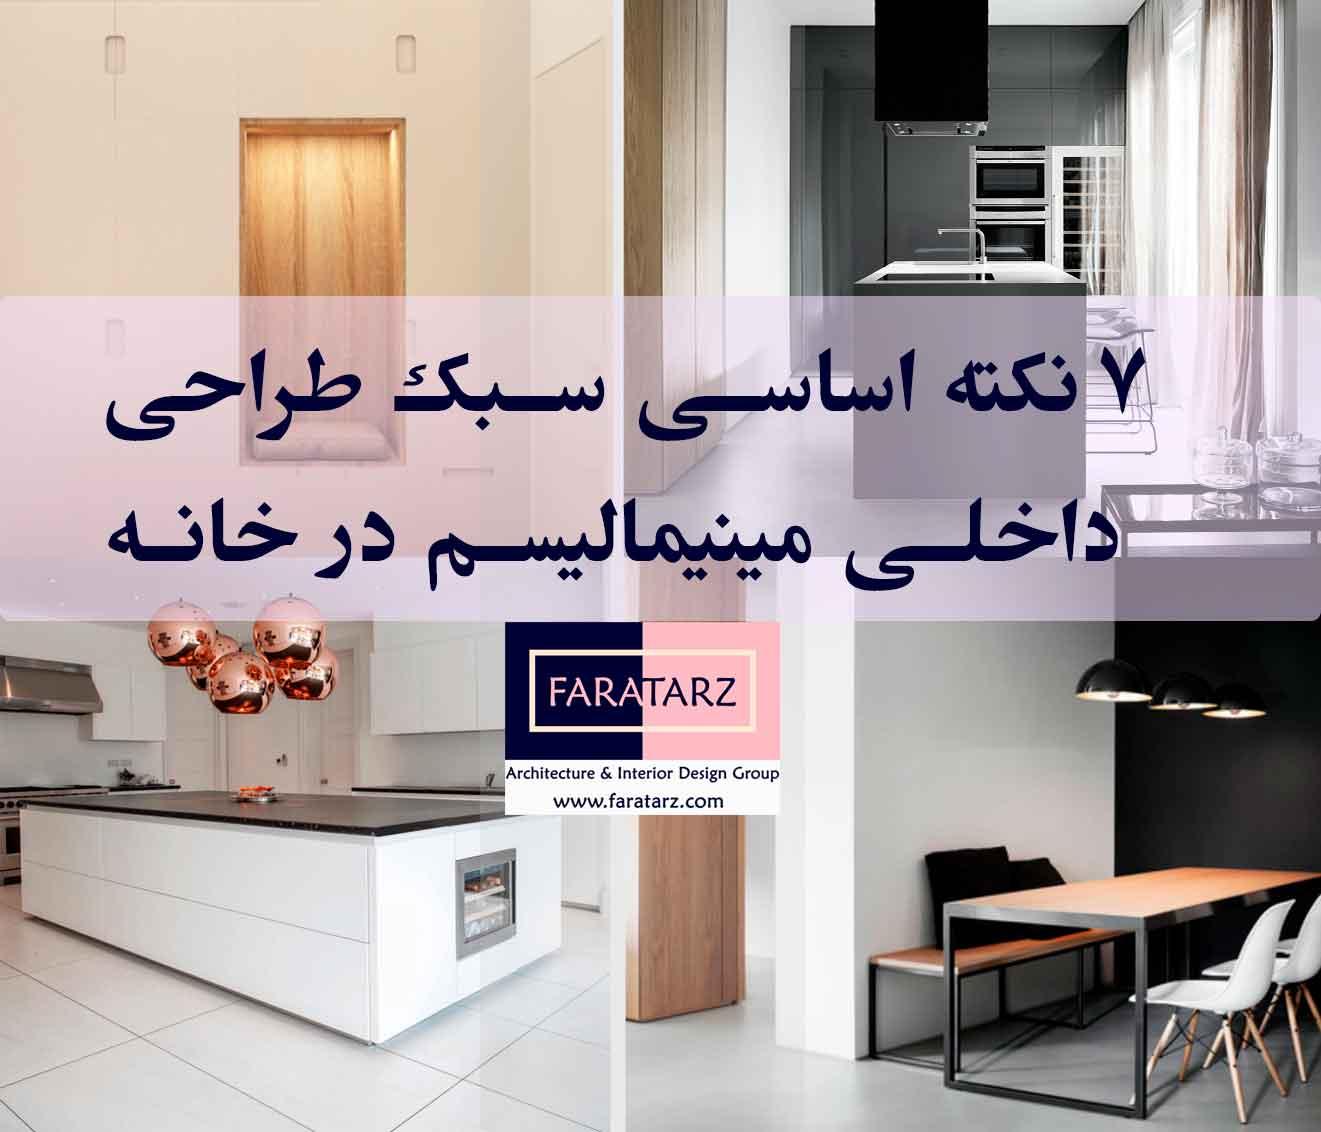 7 نکته سبک طراحی داخلی مینیمال در خانه